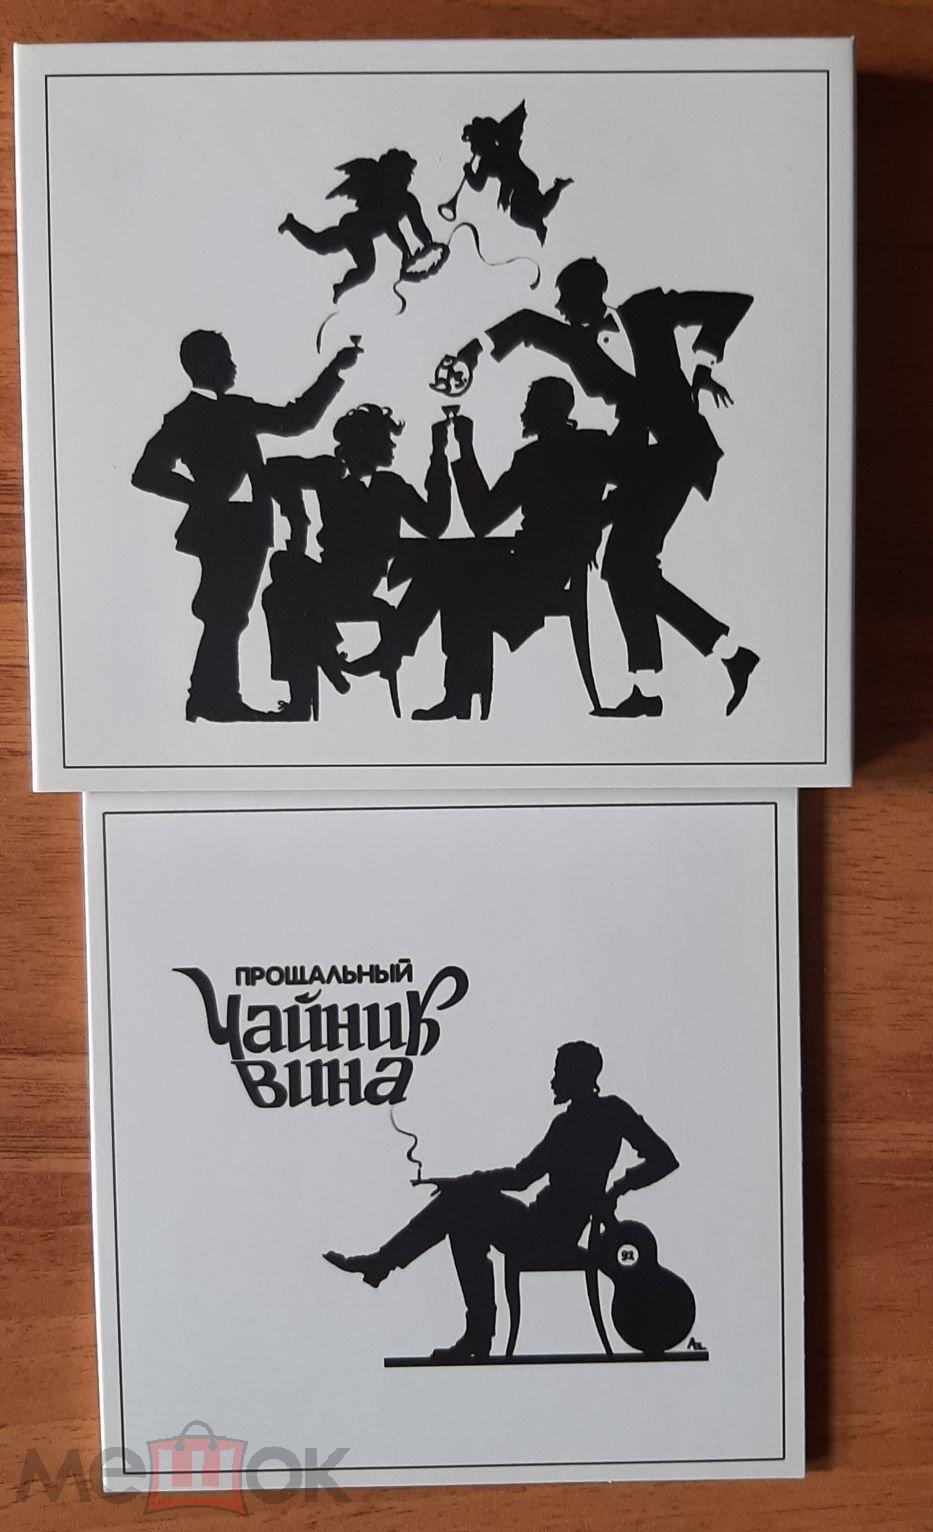 """Хвост и АукцЫон """"Чайник вина"""" (ГЕОМЕТРИЯ, 2013) (2CD+DVD НОВЫЙ!)"""